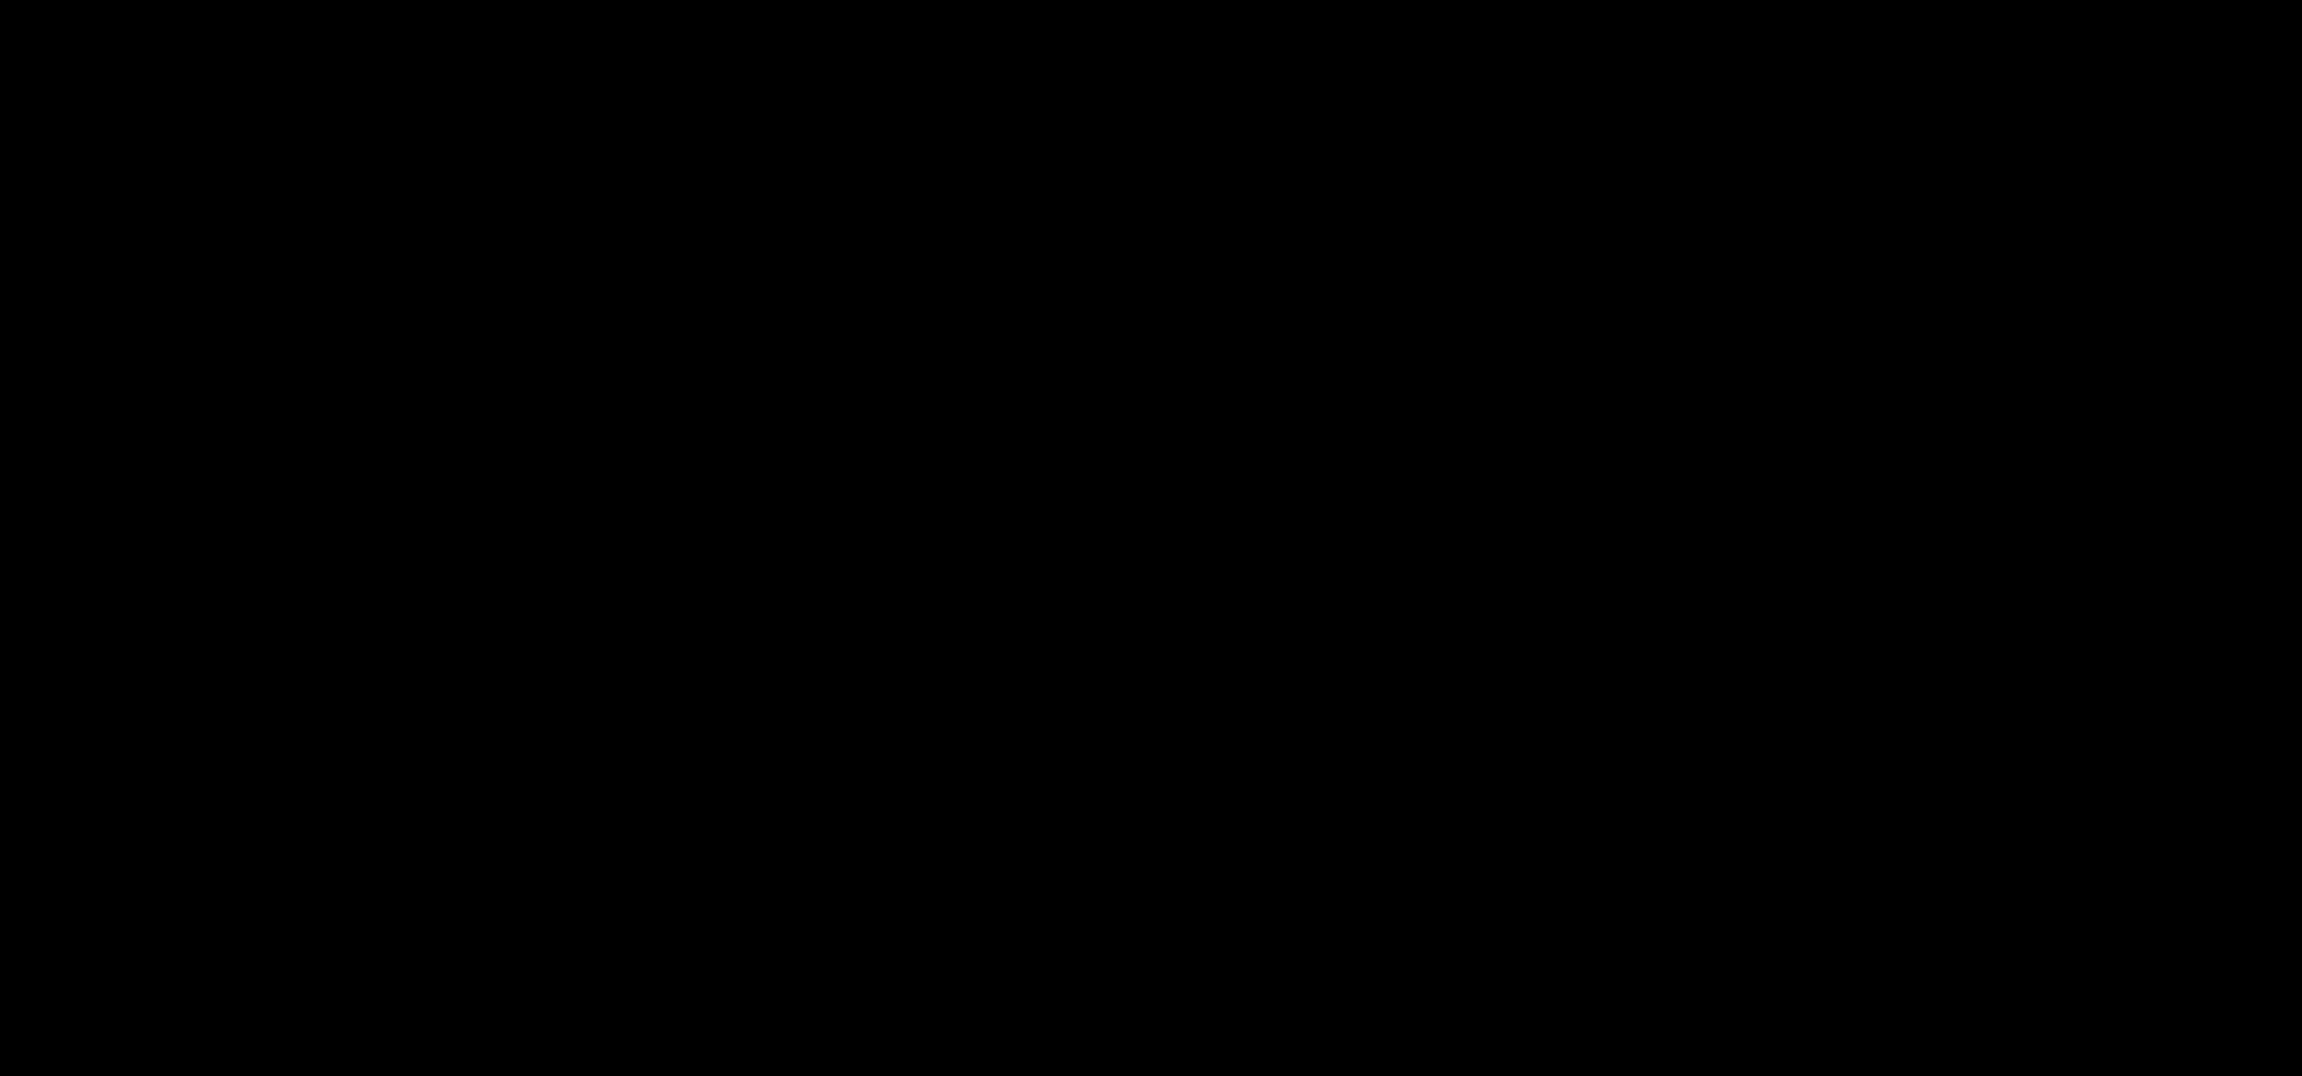 Clipart Infinity Arrow